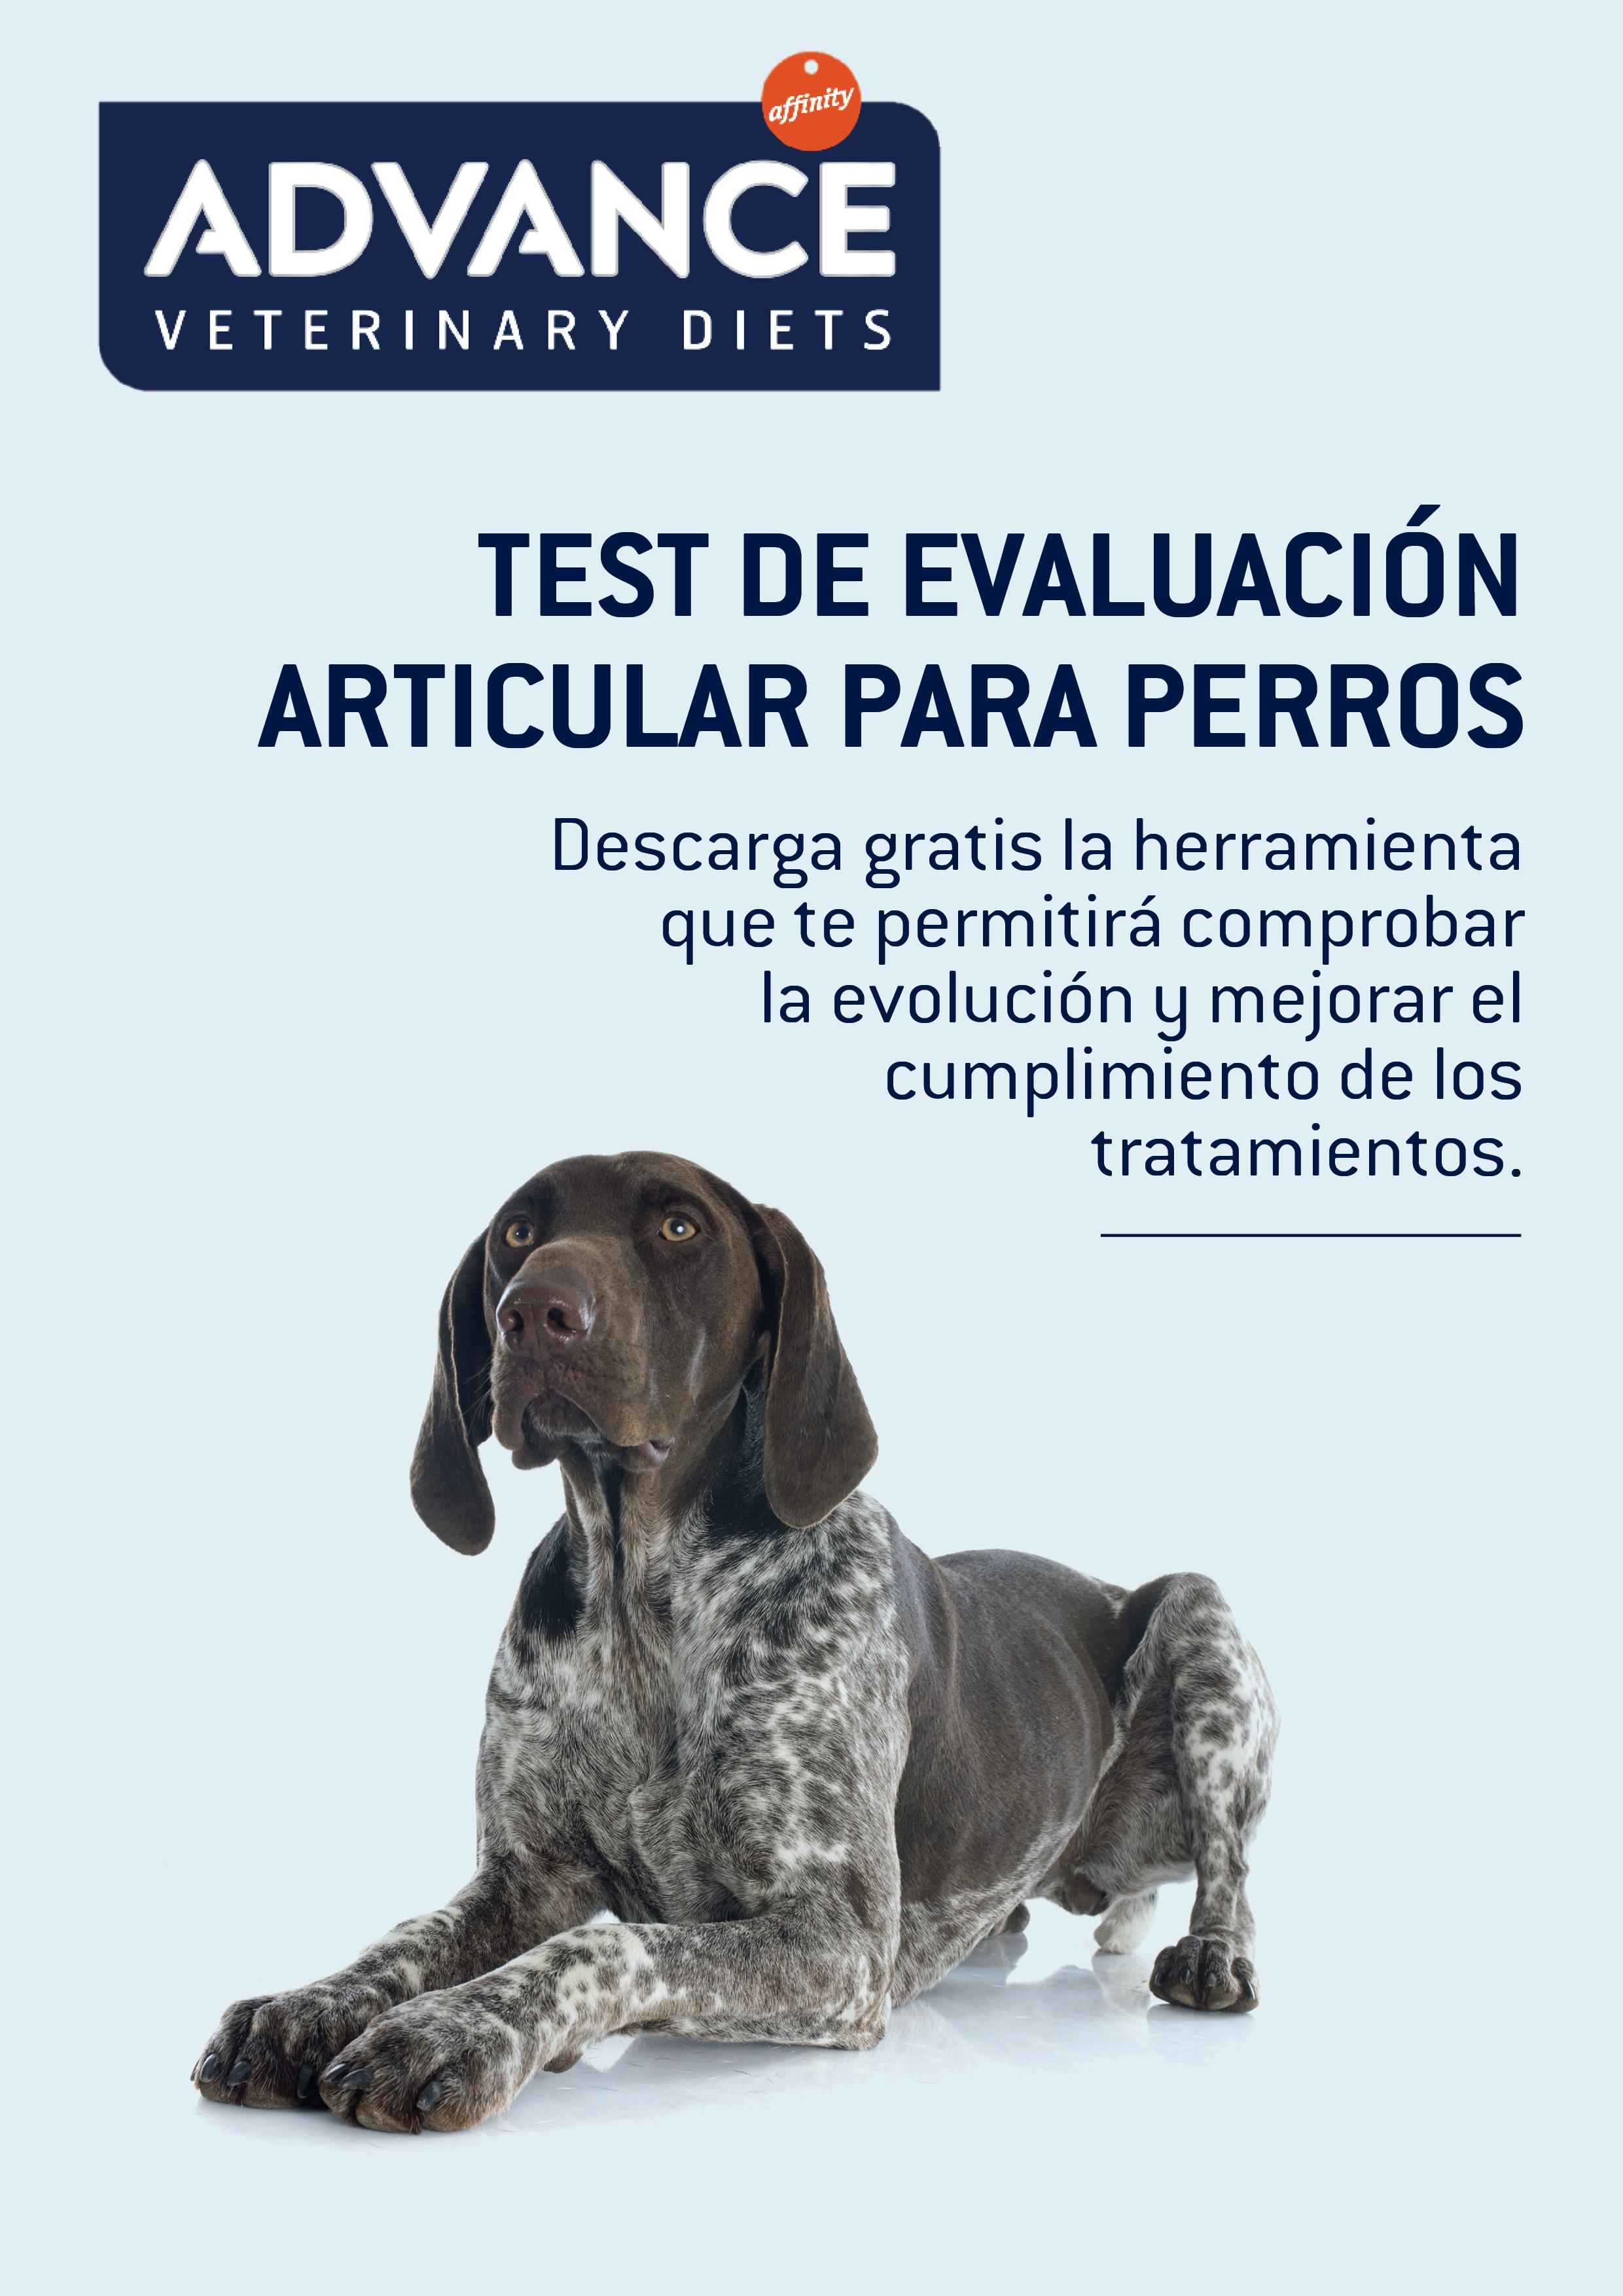 Test_evaluacion_grande.png